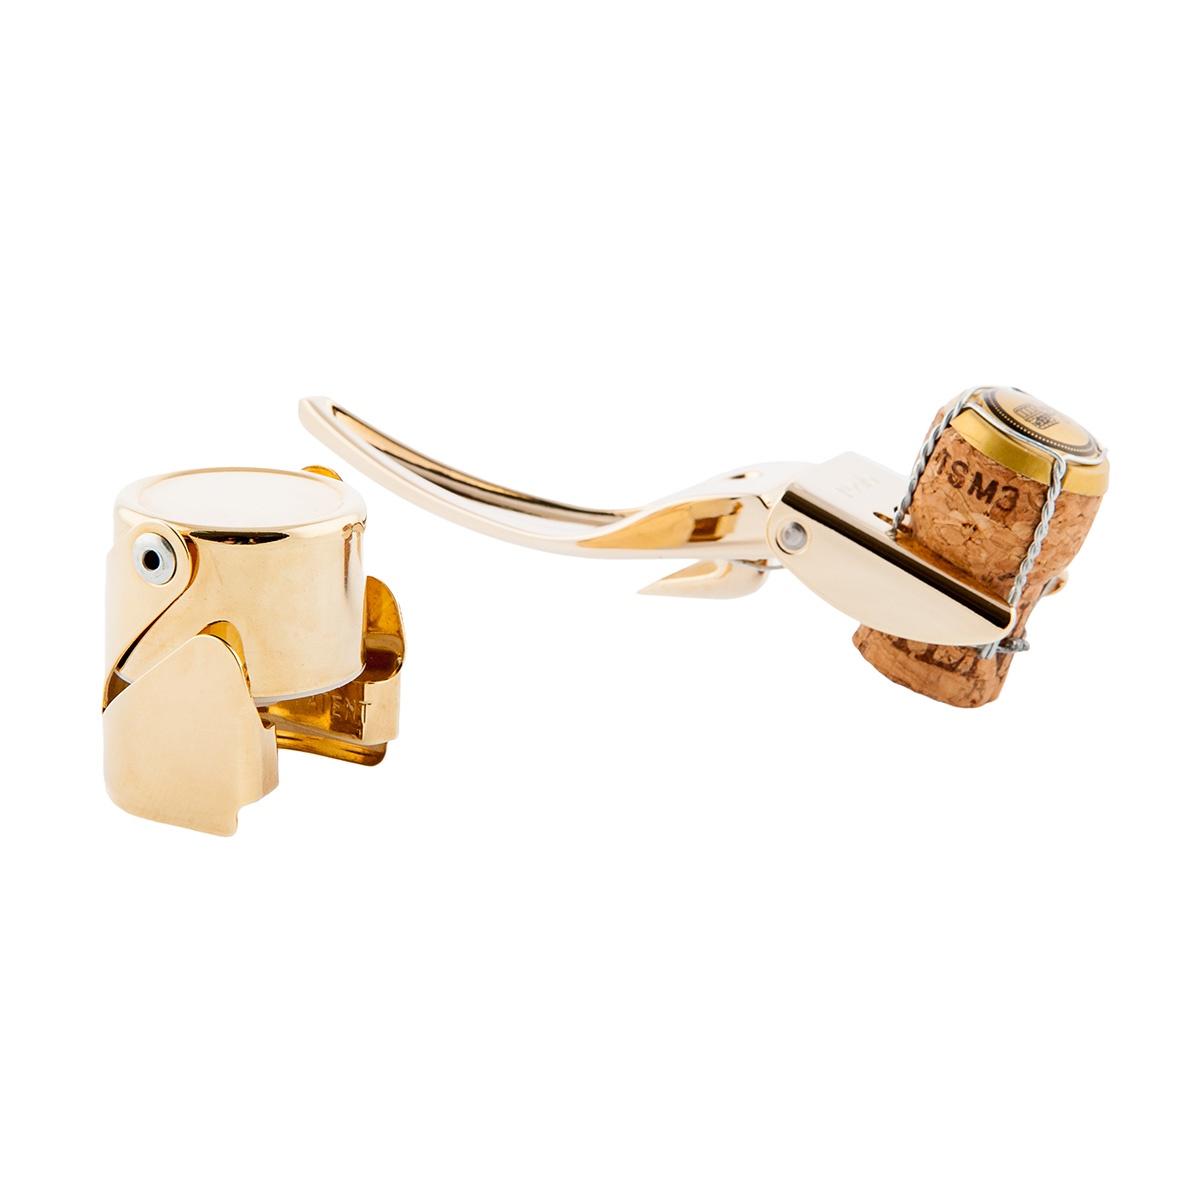 Фото - Набор для напитков Koala шампанского Brut, золотой brut